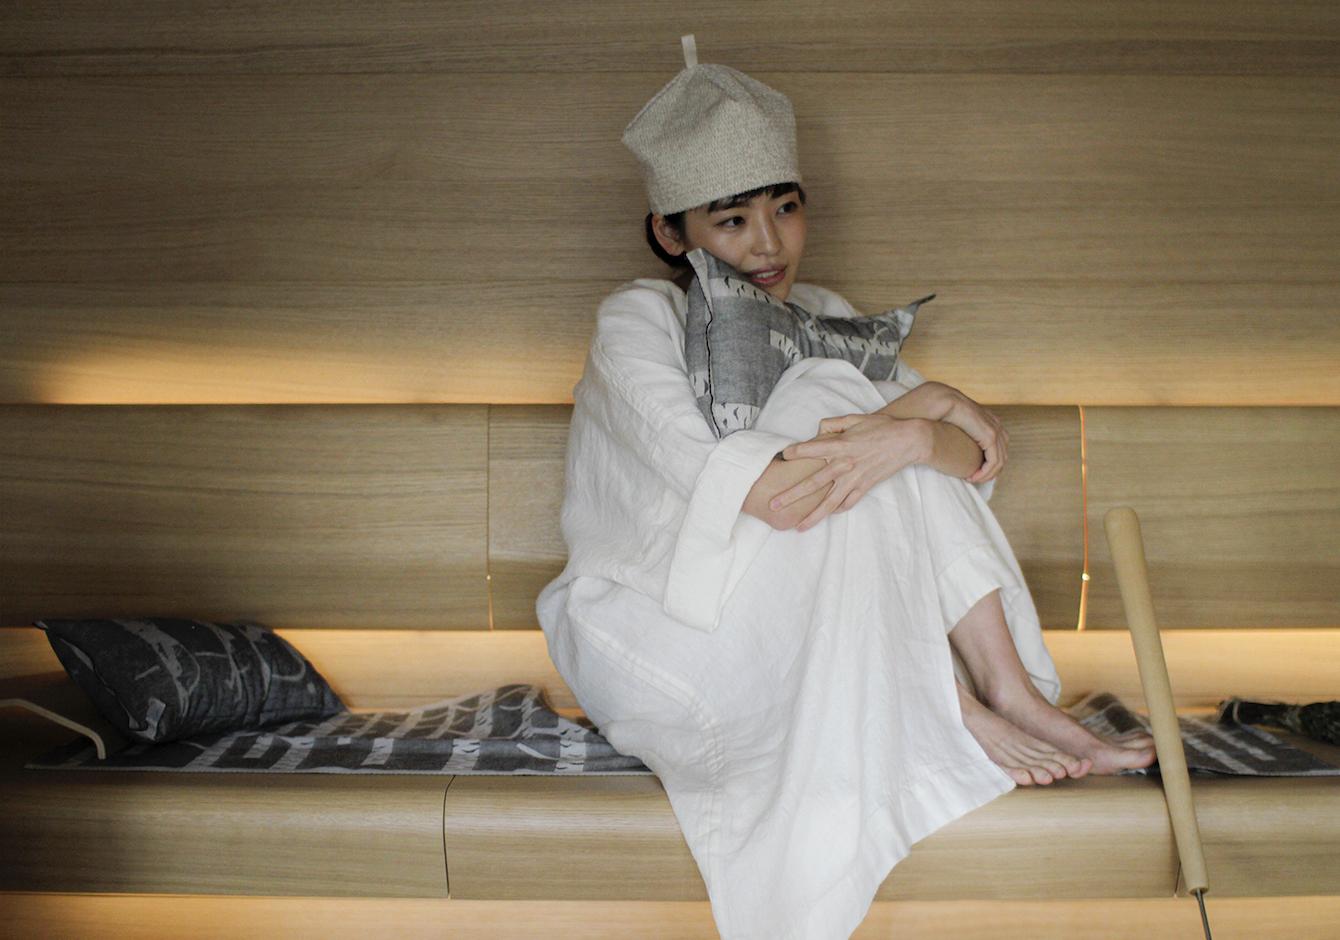 ラプアン カンクリと楽しむサウナのイメージ画像